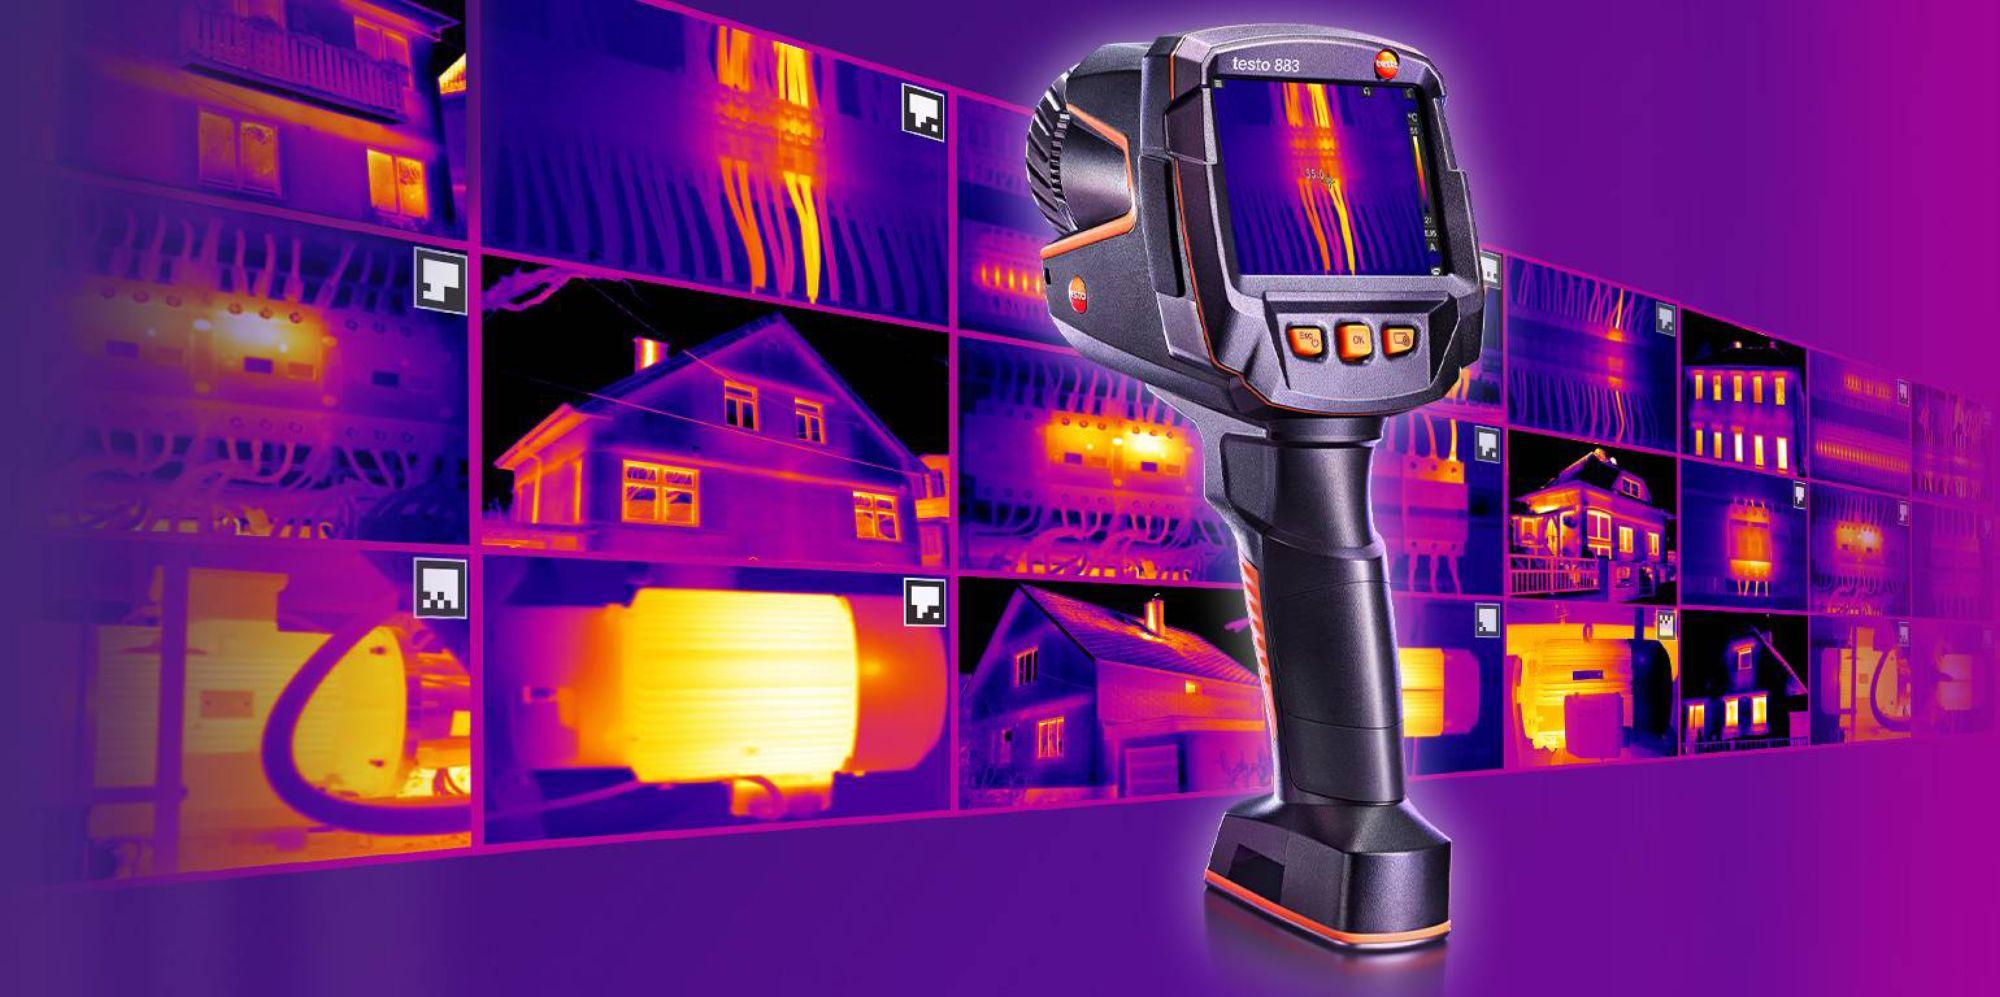 NEU: Wärmebildkamera testo 883